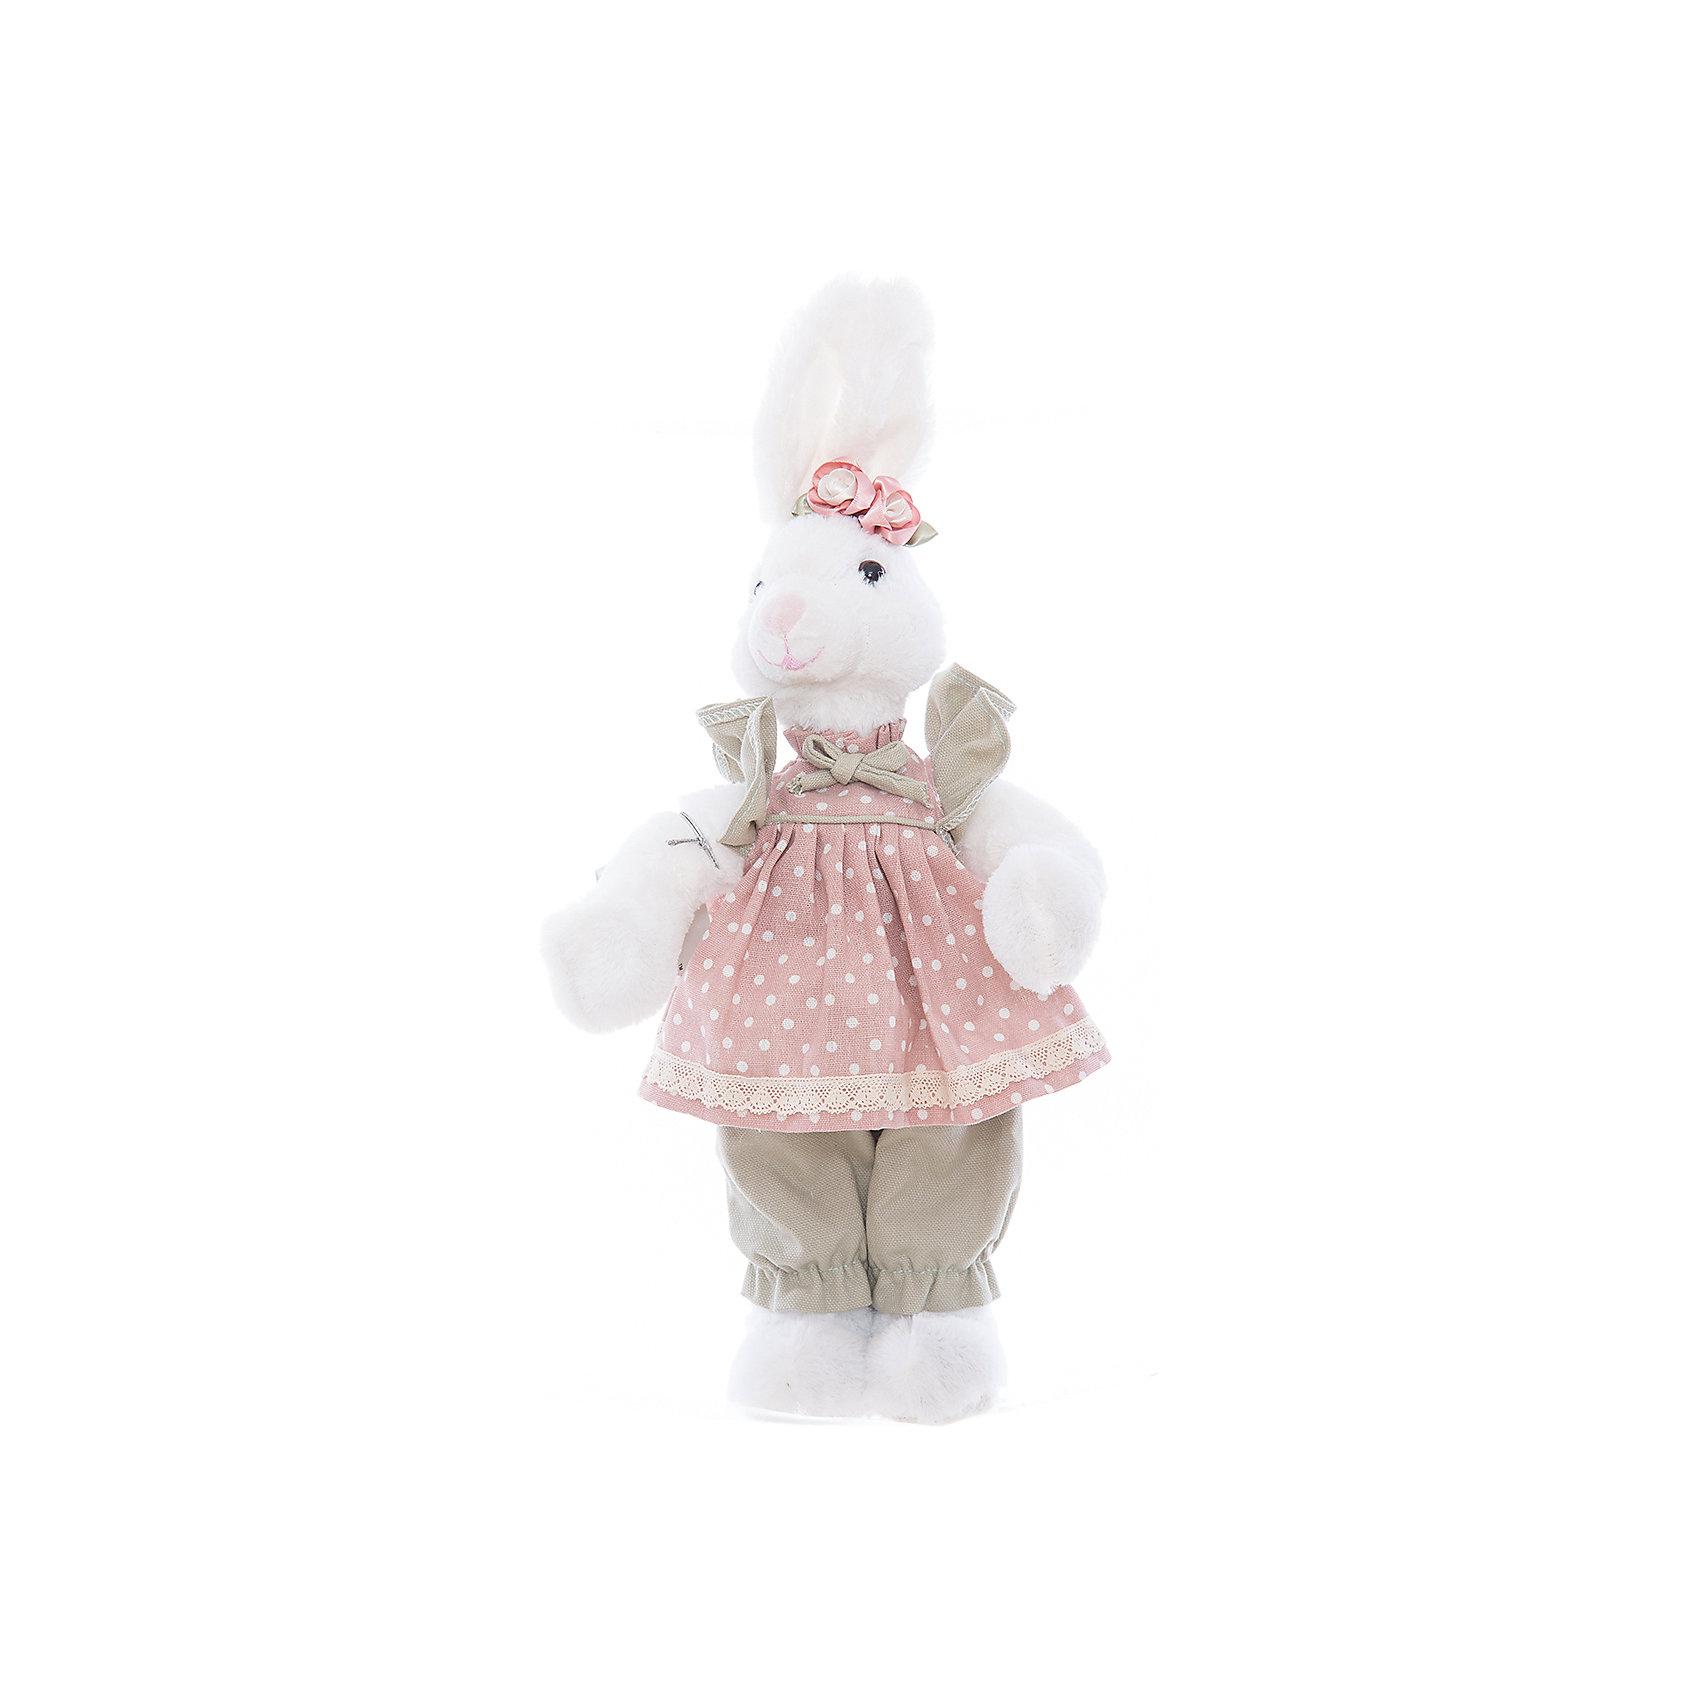 Интерьерная кукла Зайчик C21-168329, EstroХарактеристики интерьерной куклы:<br><br>- размеры: 40 см<br>- тип игрушки: животные, мягкая игрушка<br>- персонаж: заяц<br>- стиль: классический, Прованс<br>- материал изготовления: высококачественный пластик, полиэстер, ткань<br>- состав: дерево, полиэстер, текстиль, полиэфир<br>- вид упаковки: коробка<br>- возрастные ограничения: 3+<br>- сезон: круглогодичный<br>- страна бренда: Италия<br>- страна производитель: Китай<br>- комплектация: игрушка<br><br>Интерьерная кукла в виде белоснежной зайчихи в розовом сарафанчике придаст очарование Вашему интерьеру. Внешний вид куклы проработан до мелочей. Все детали аккуратно подогнаны и прекрасно подходят друг к другу. Данная вещь станет замечательной находкой, как для себя, так и презентом для друга. Кукла итальянской торговой марки Estro является отличным выбором для любого интерьера. Модель изготовлена из качественных материалов красивой палитры, окрашена в белый, светло-зеленый, бледно-розовый цвет. <br><br>Интерьерную куклу итальянской торговой марки Estro можно купить в нашем интернет-магазине.<br><br>Ширина мм: 150<br>Глубина мм: 150<br>Высота мм: 400<br>Вес г: 310<br>Возраст от месяцев: 36<br>Возраст до месяцев: 1188<br>Пол: Женский<br>Возраст: Детский<br>SKU: 5356607